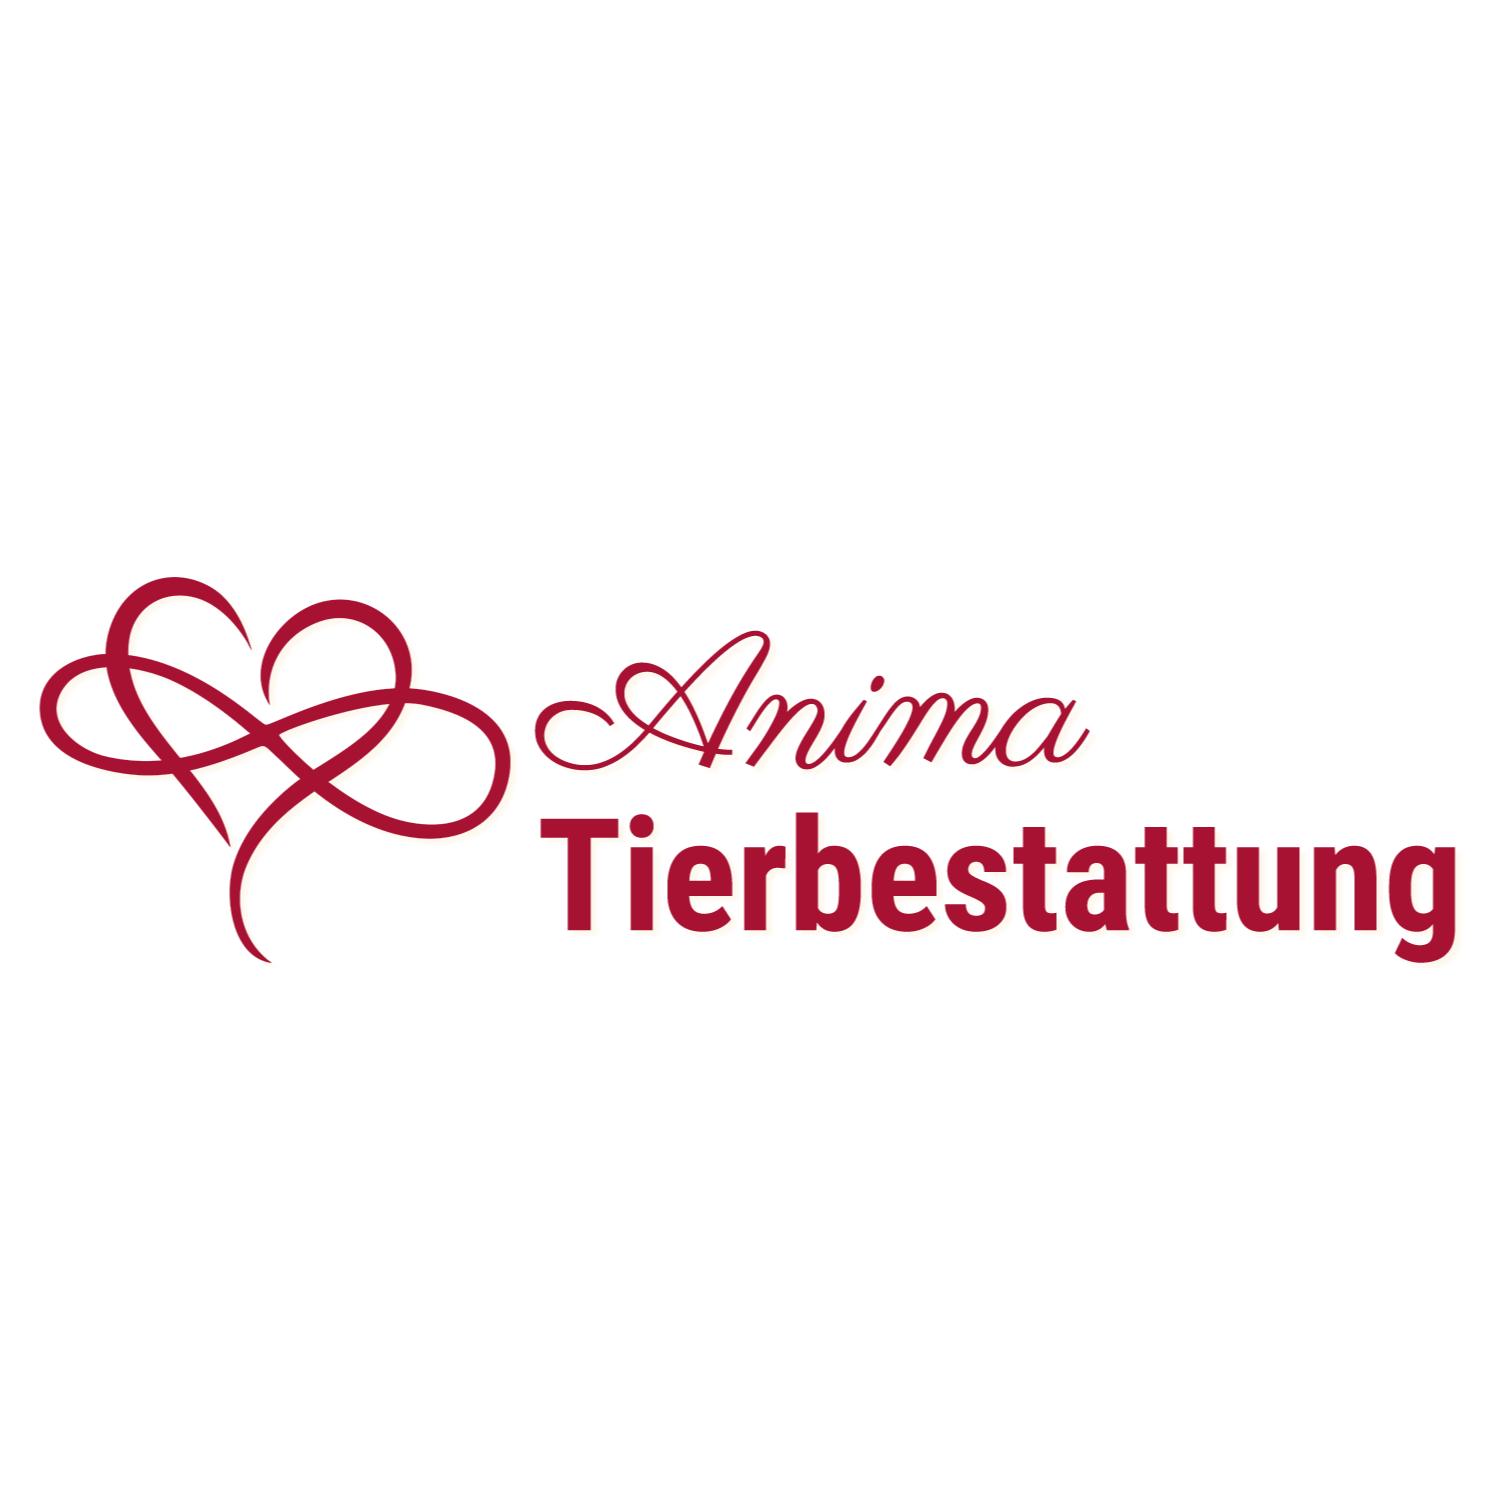 Bild zu Anima Tierbestattung in Leipzig